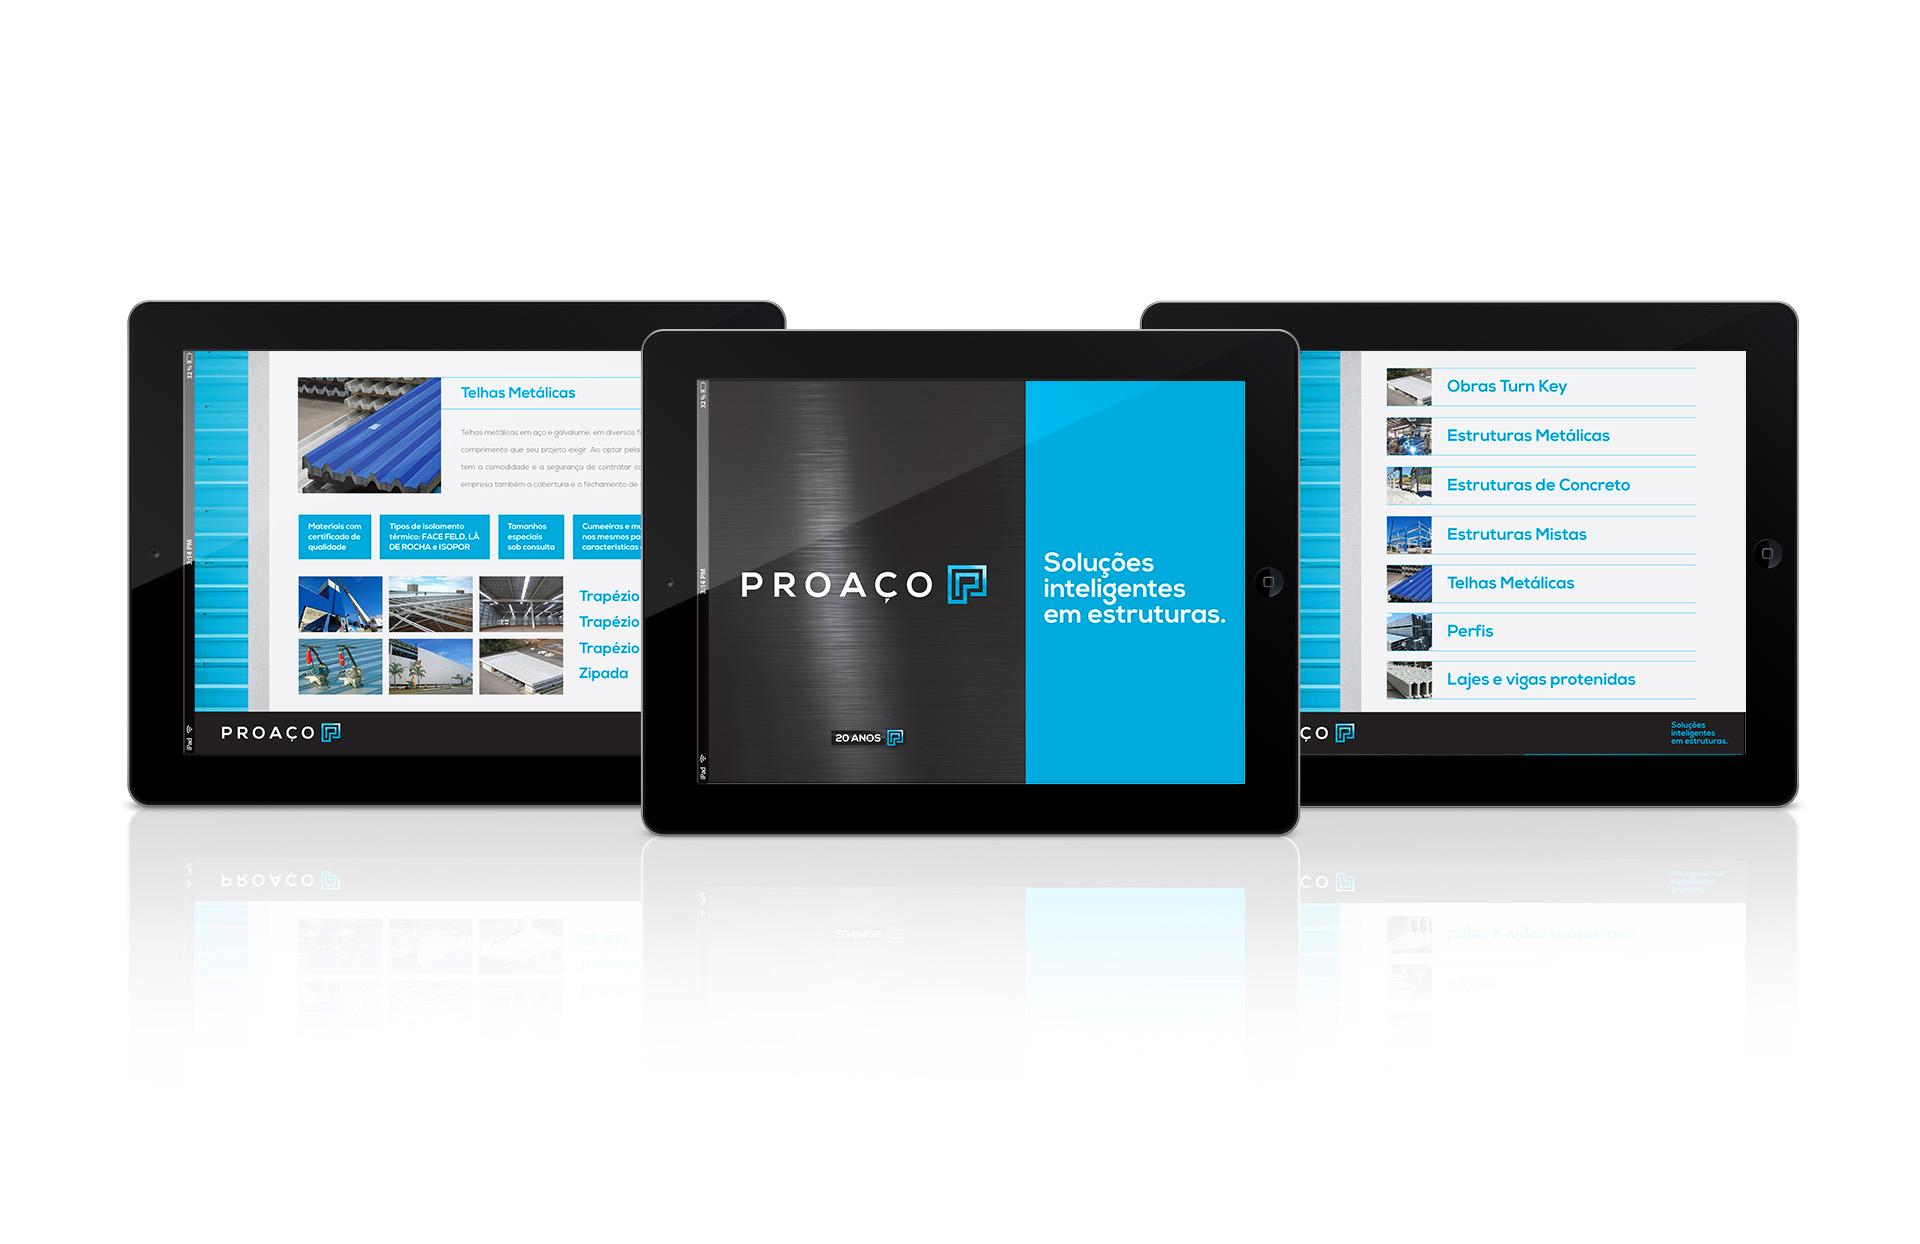 10190_Proaco_catalogo_ipad_simulacao.jpg